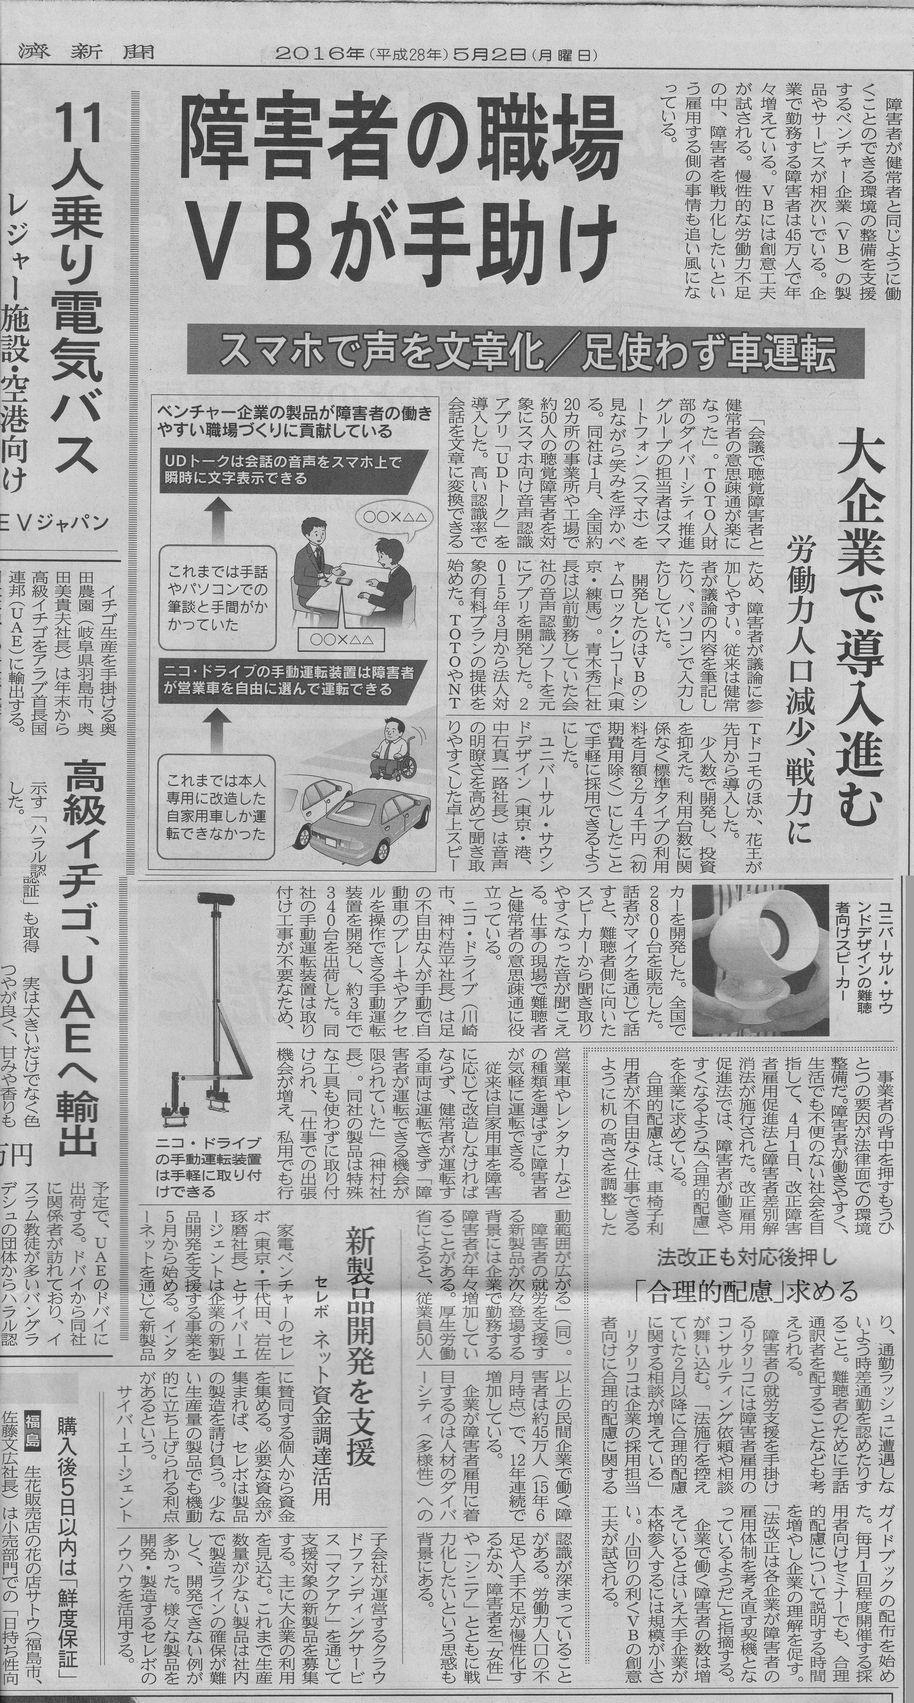 日本経済新聞に弊社の取り組みが掲載されました